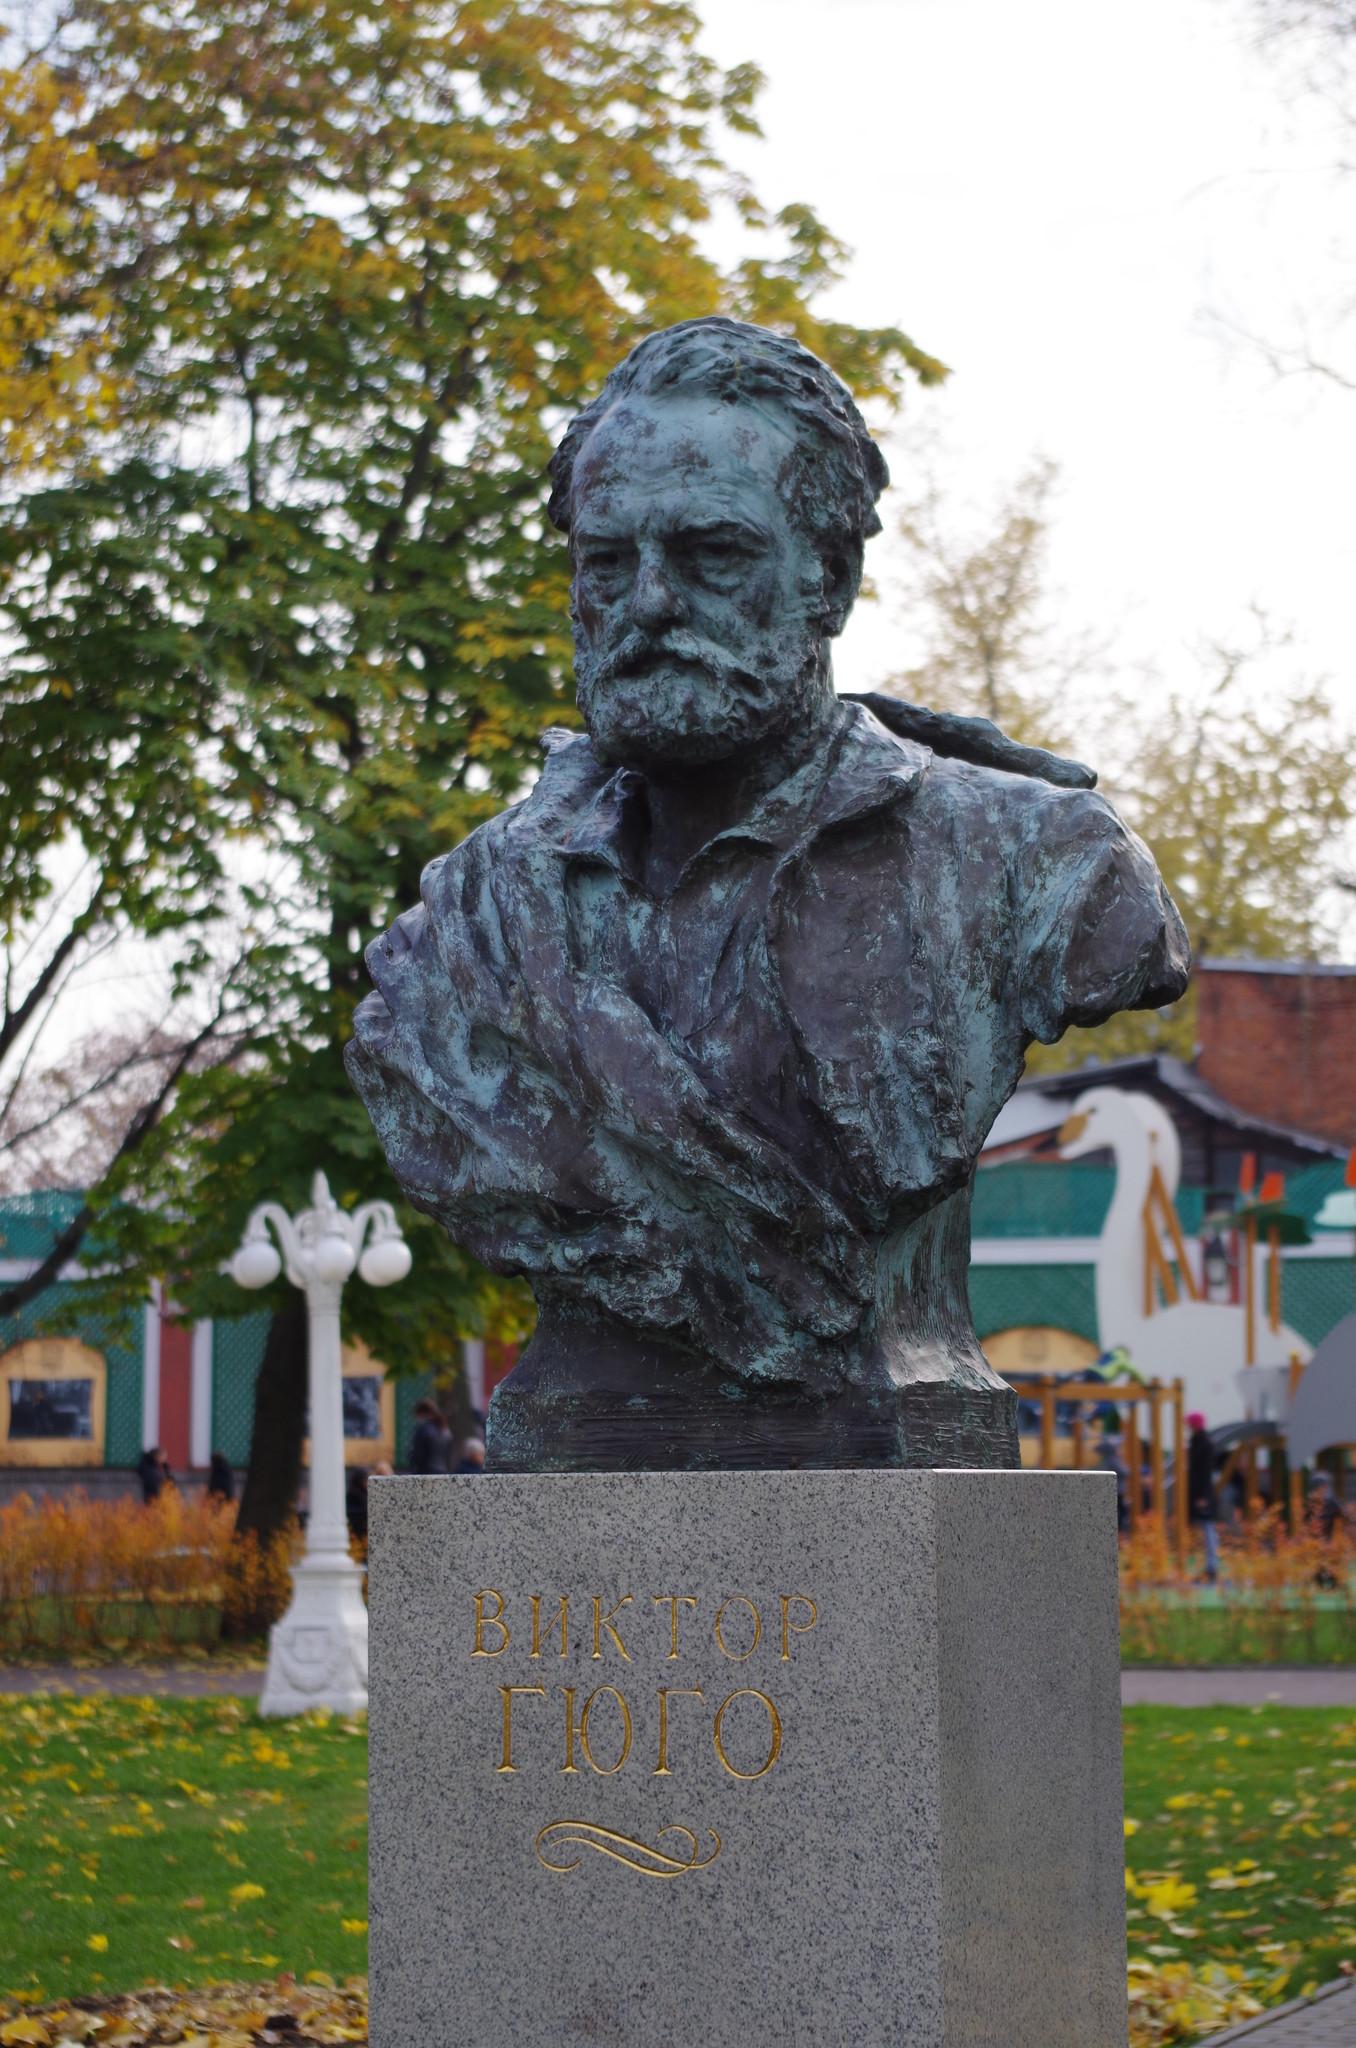 Памятник-бюст Виктору Гюго в саду